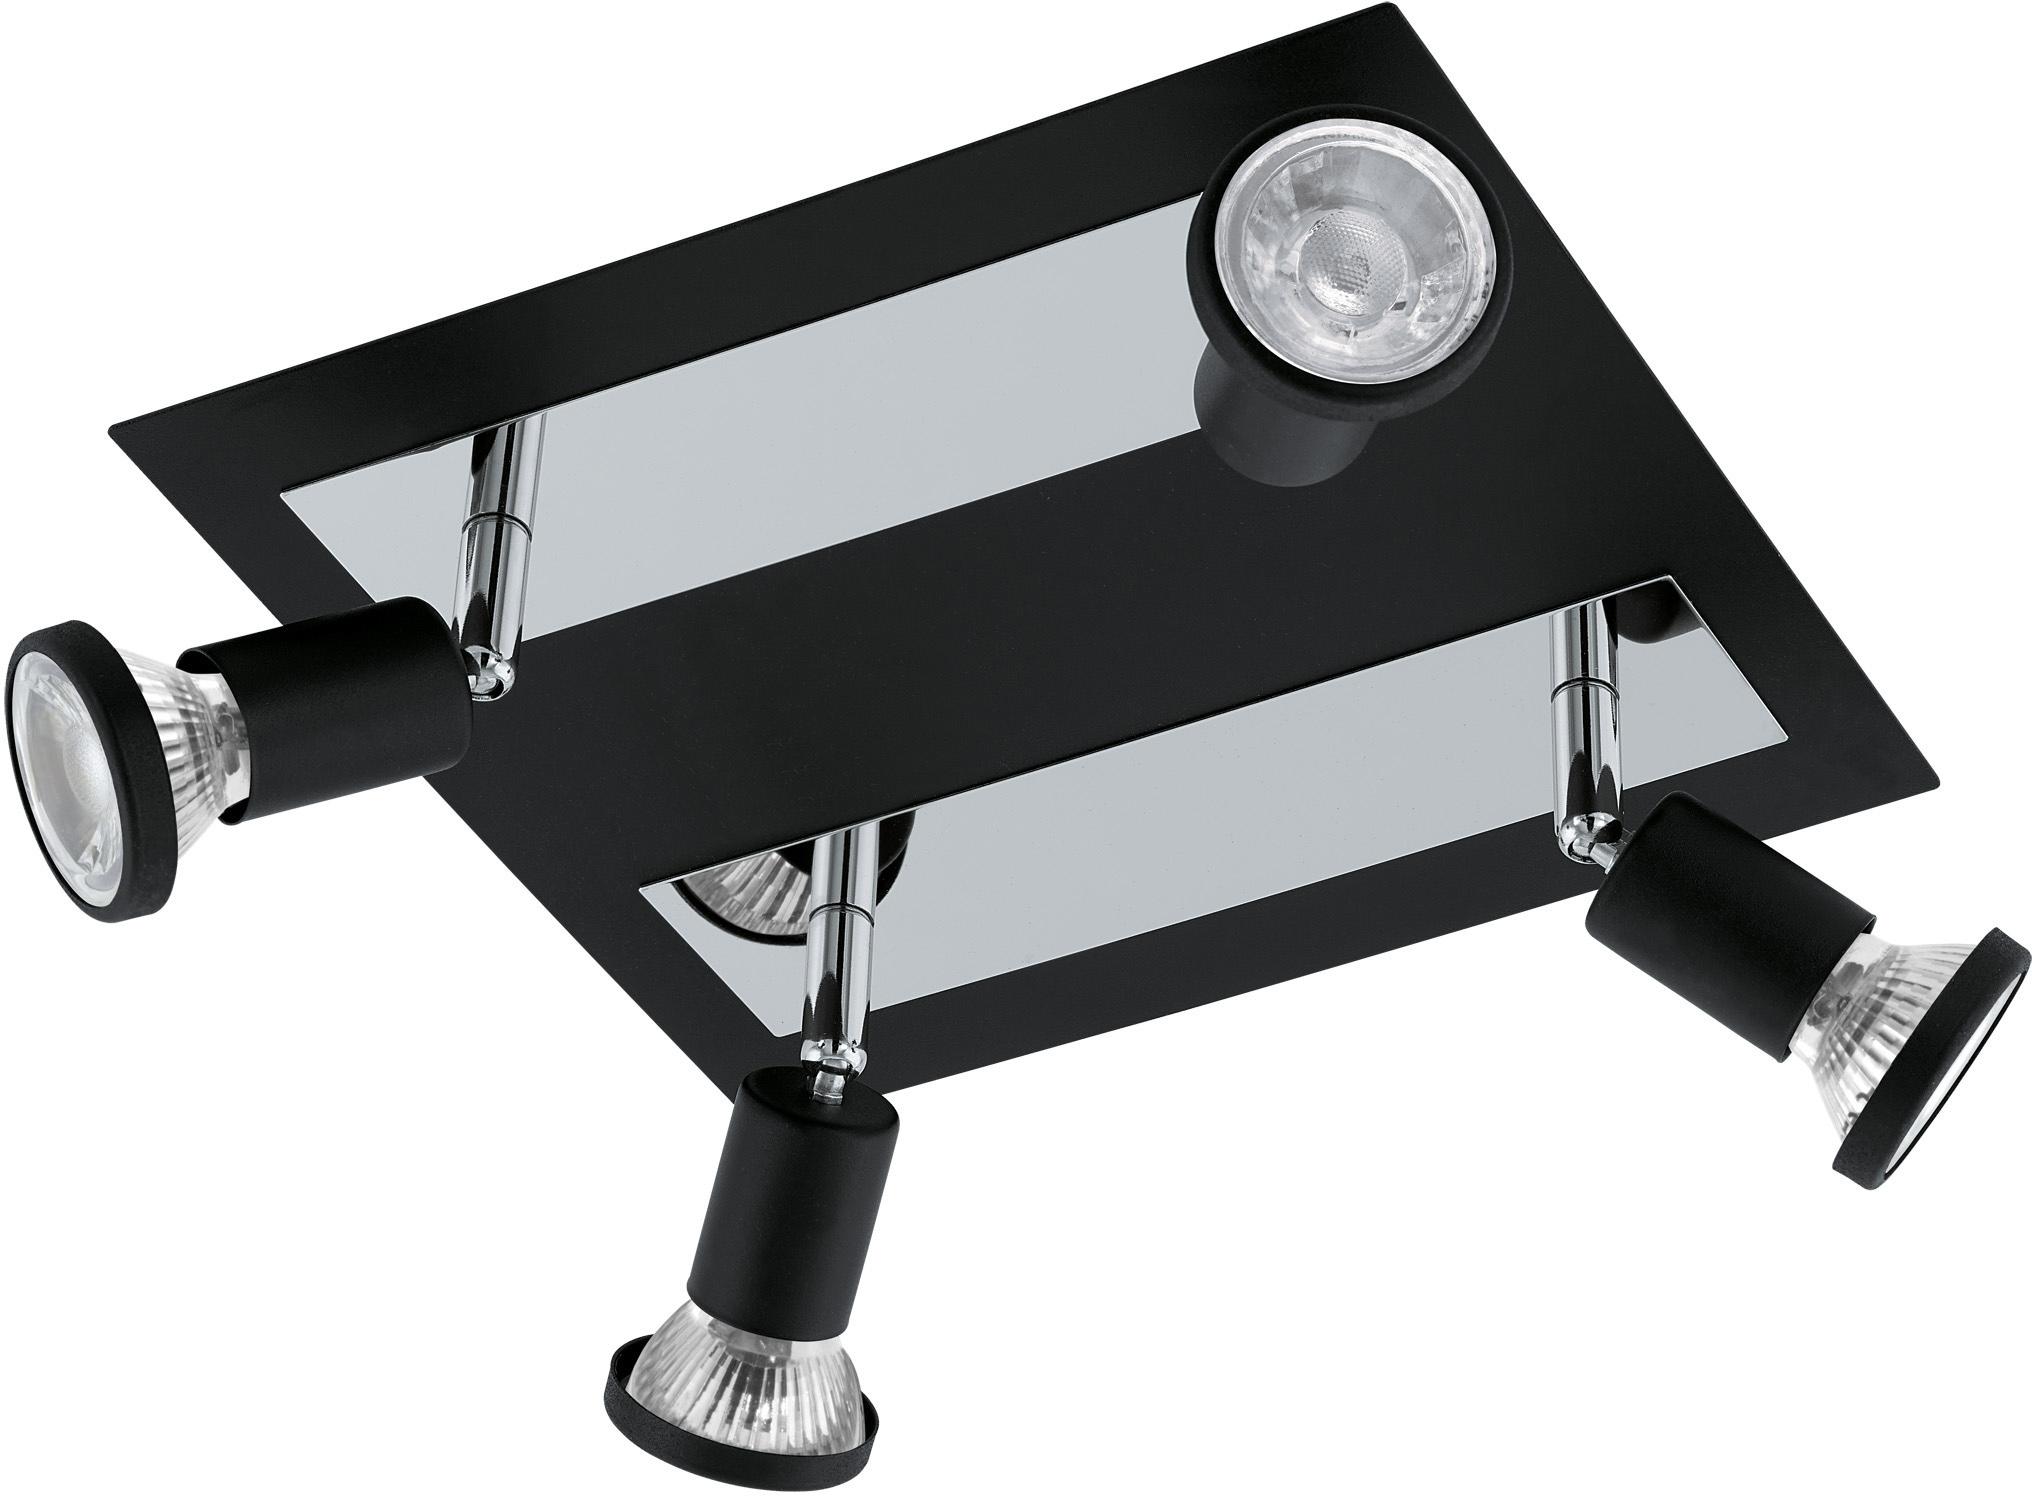 EGLO LED Deckenspots SARRIA, LED-Board-GU10, Warmweiß, LED Deckenleuchte, LED Deckenlampe